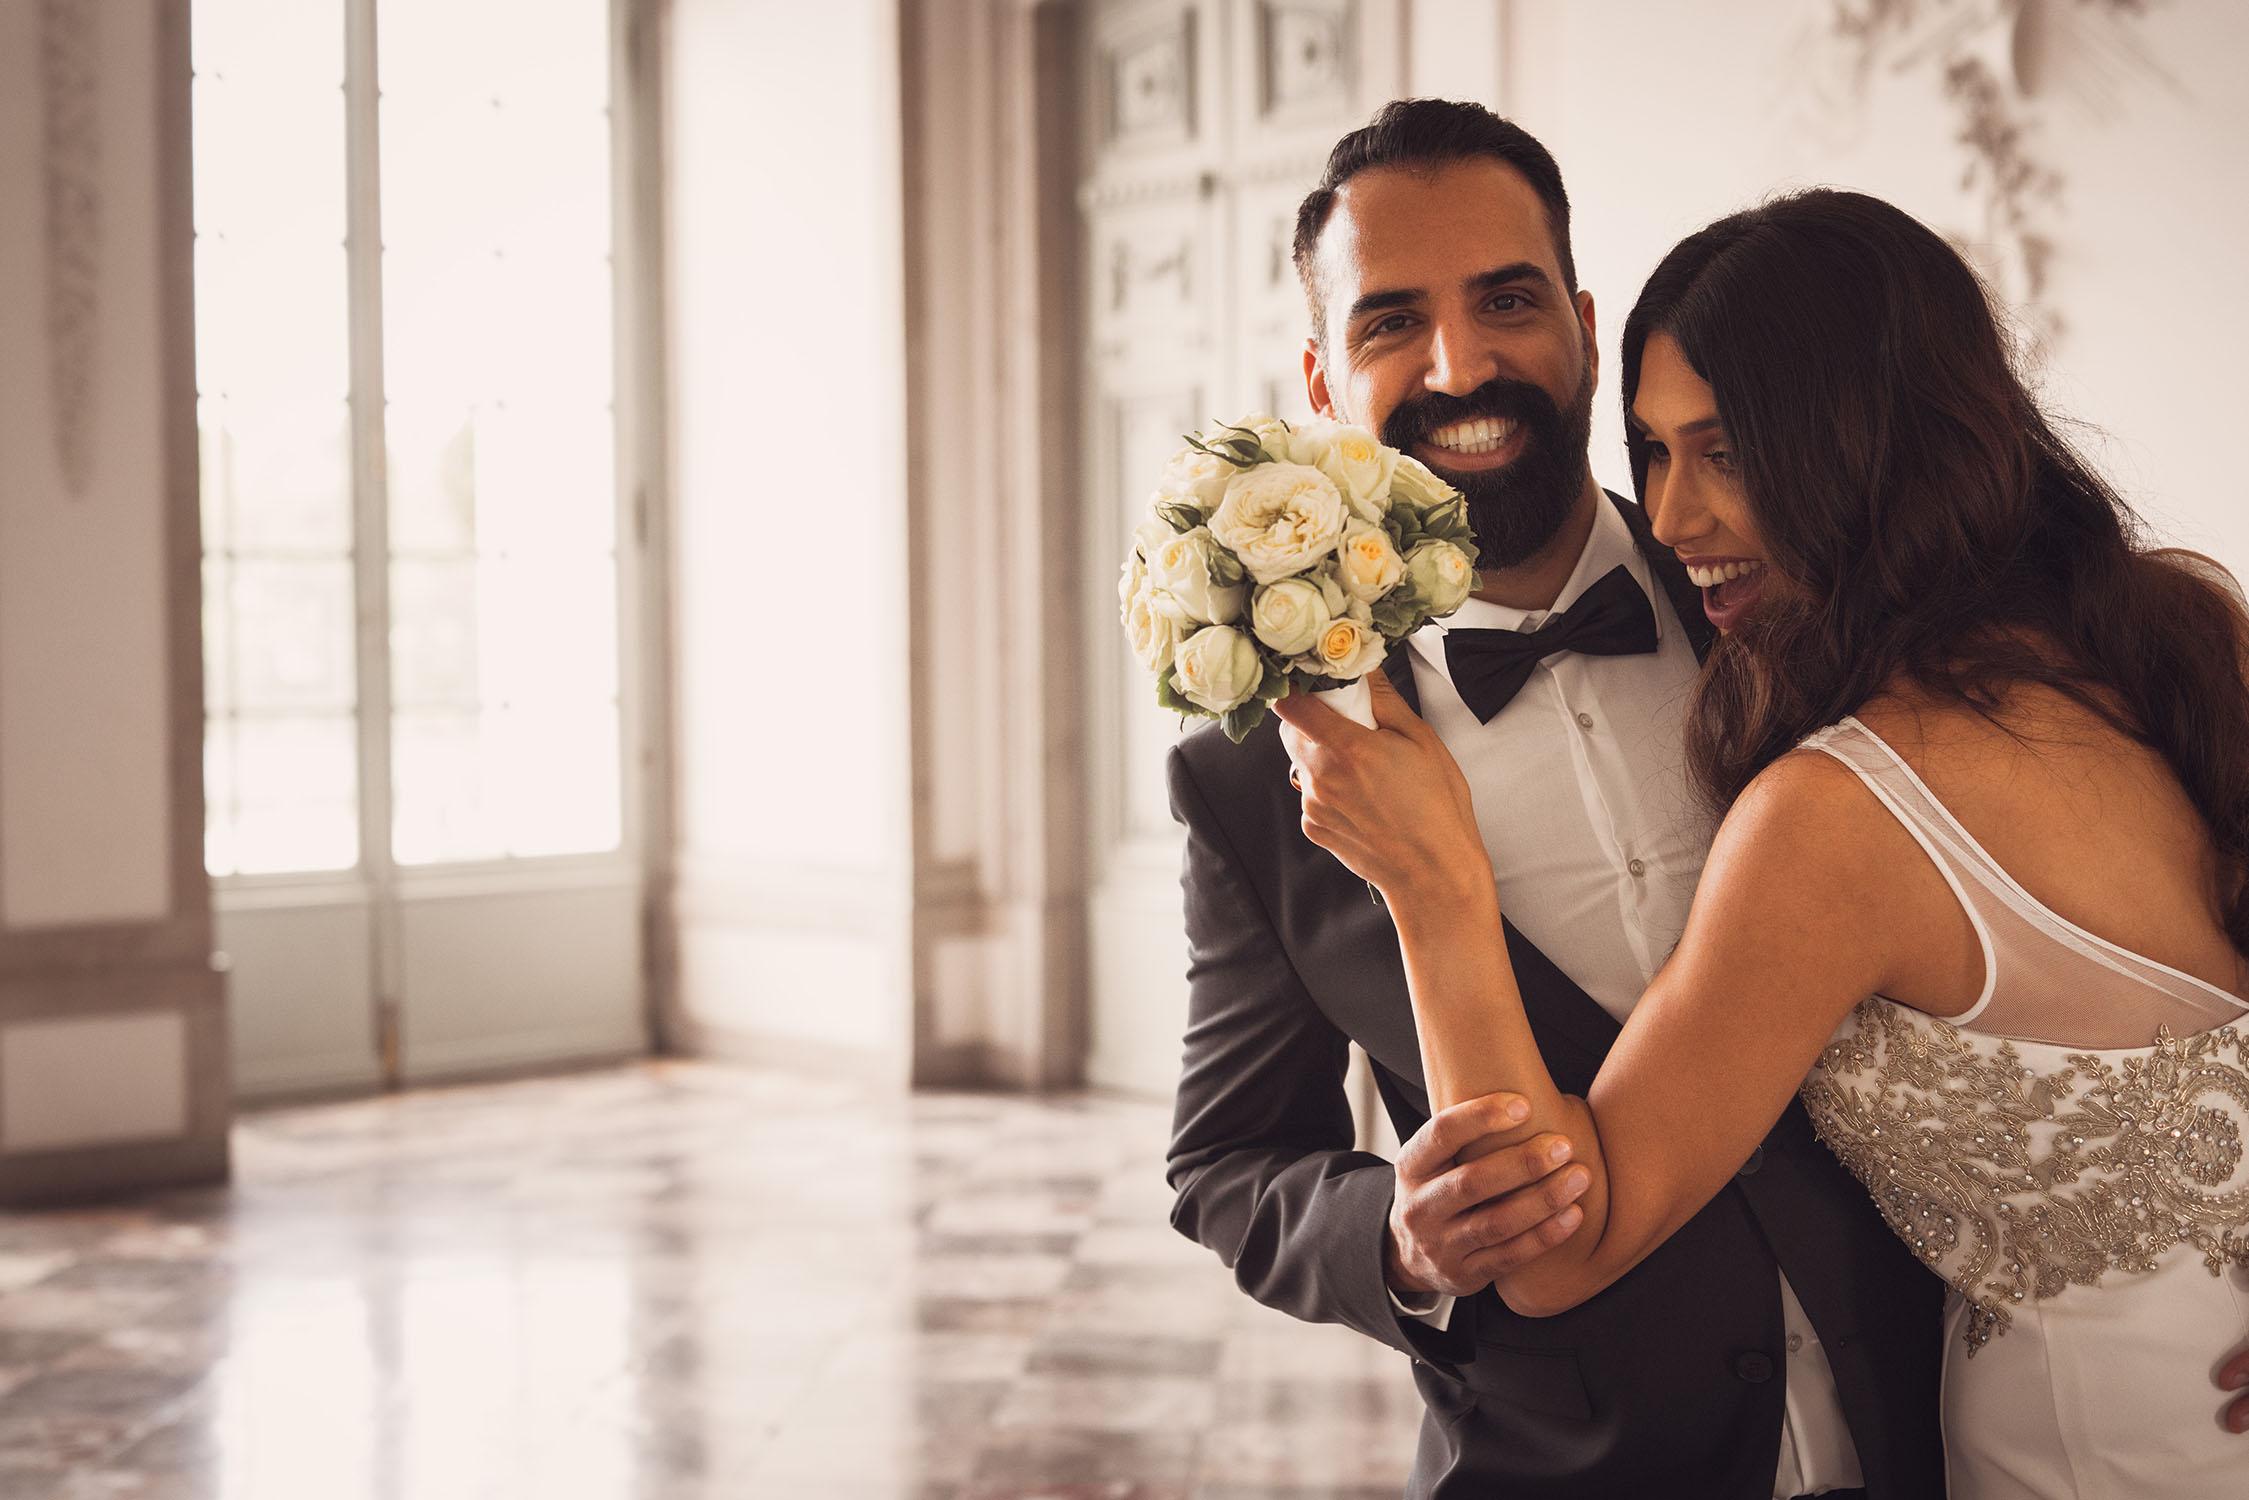 Braut mit Blumenstrauß umarmt Bräutigam.jpg